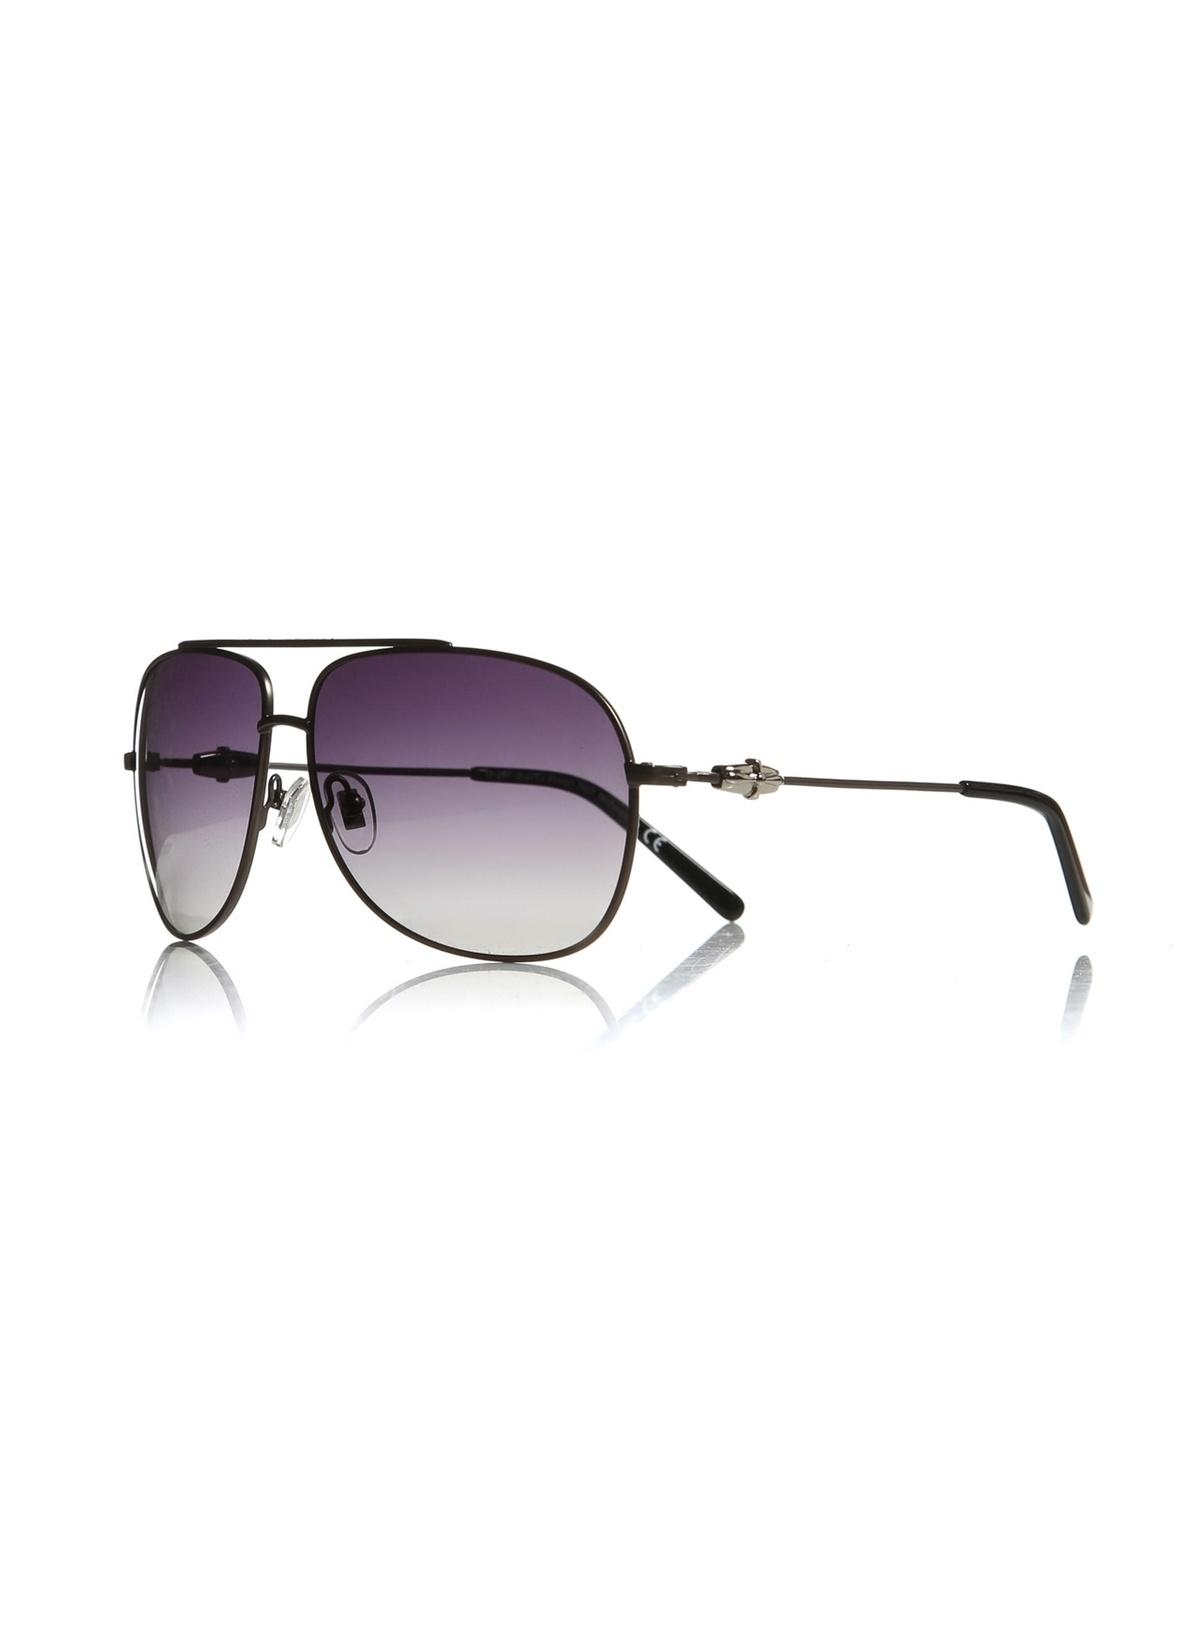 İnfiniti Design Güneş Gözlüğü Id 4014 298s Güneş Gözlükleri – 106.07 TL